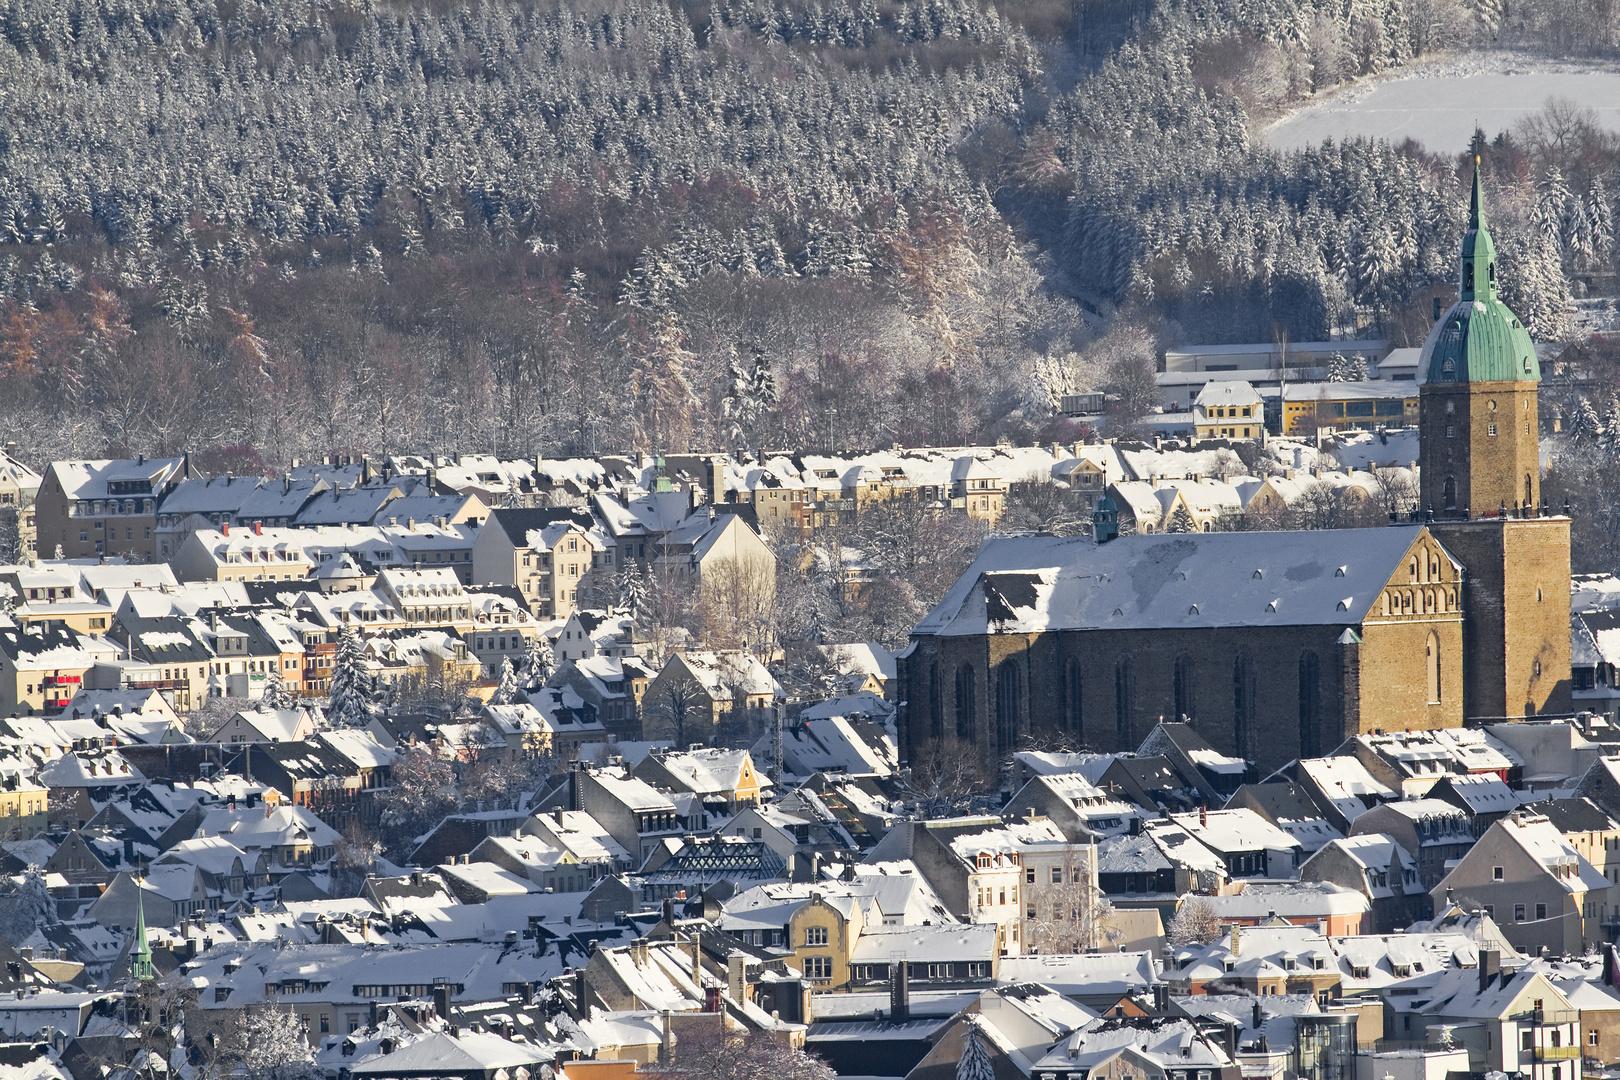 ***01.12.12 Annaberg mit der St. Annen Kirche***